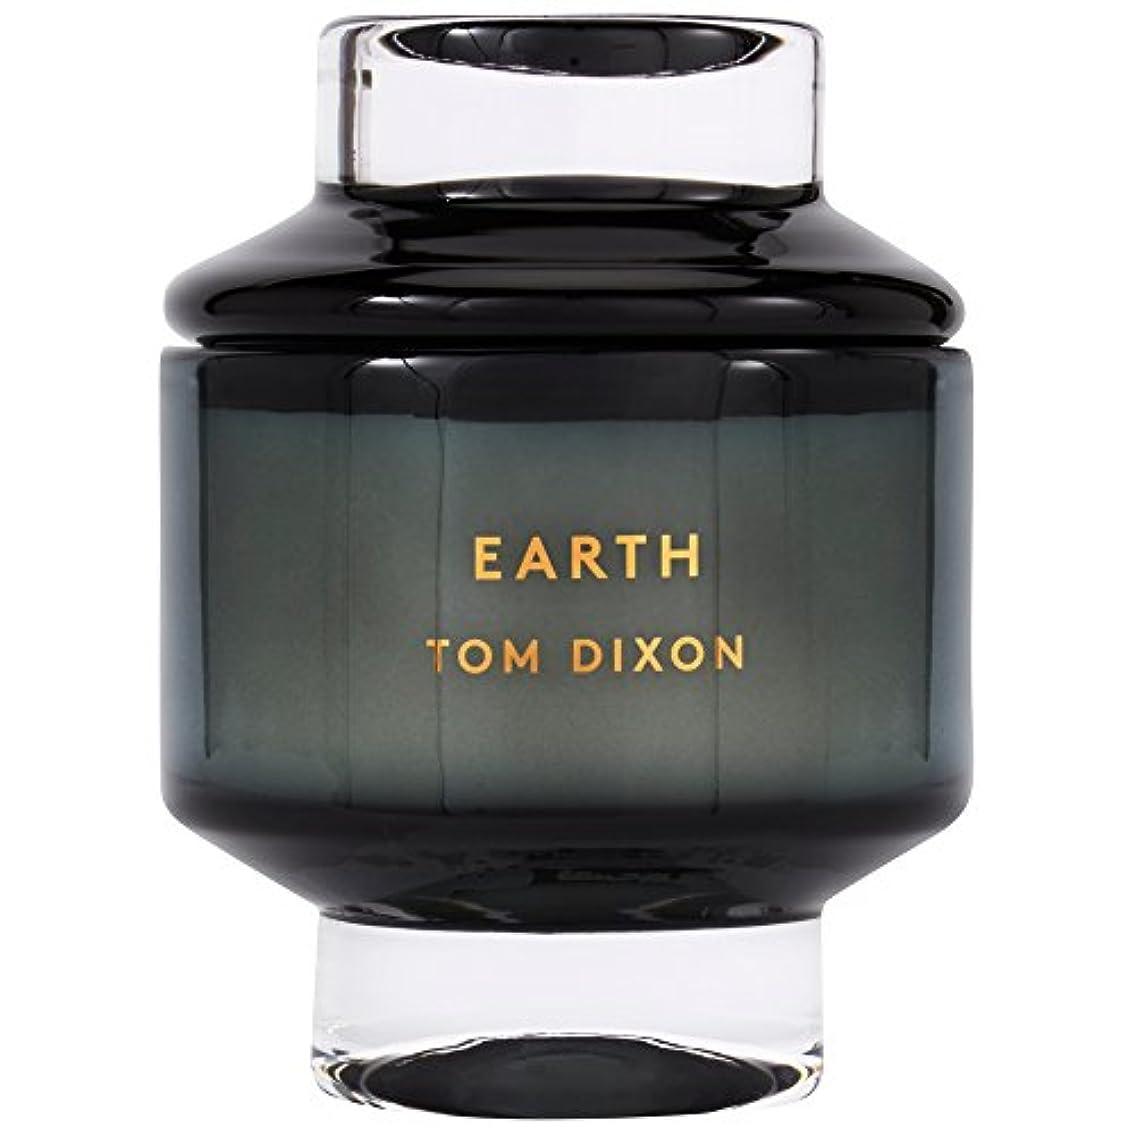 十分なカーフ盗賊Tom Dixon Earth Scented Candle Large (Pack of 2) - トムディクソン地球大の香りのキャンドル x2 [並行輸入品]